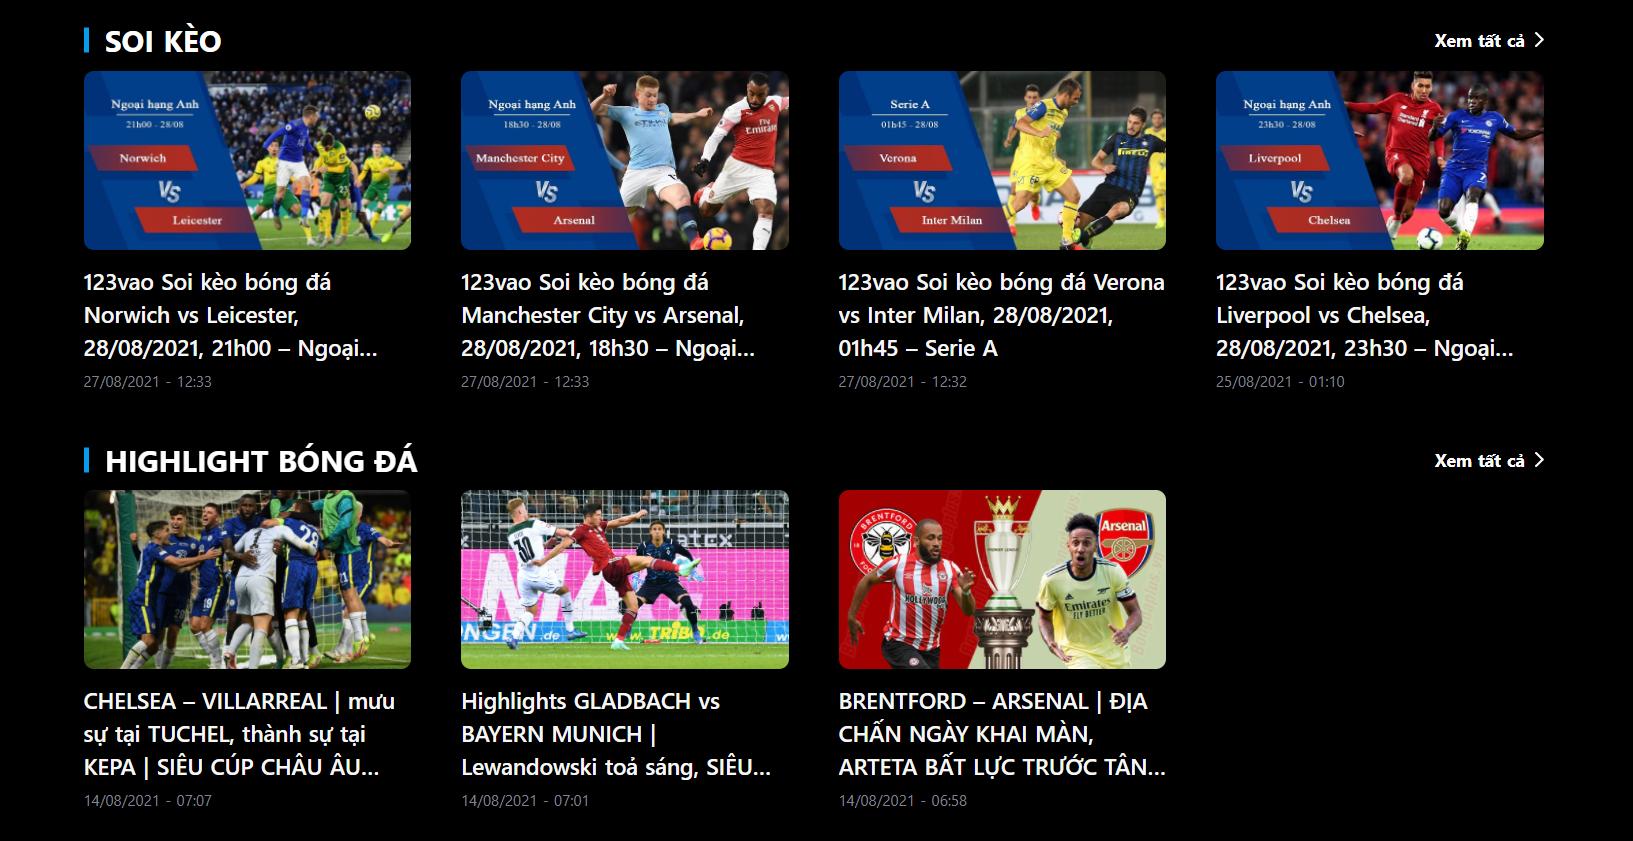 website xem bóng đá 123vao